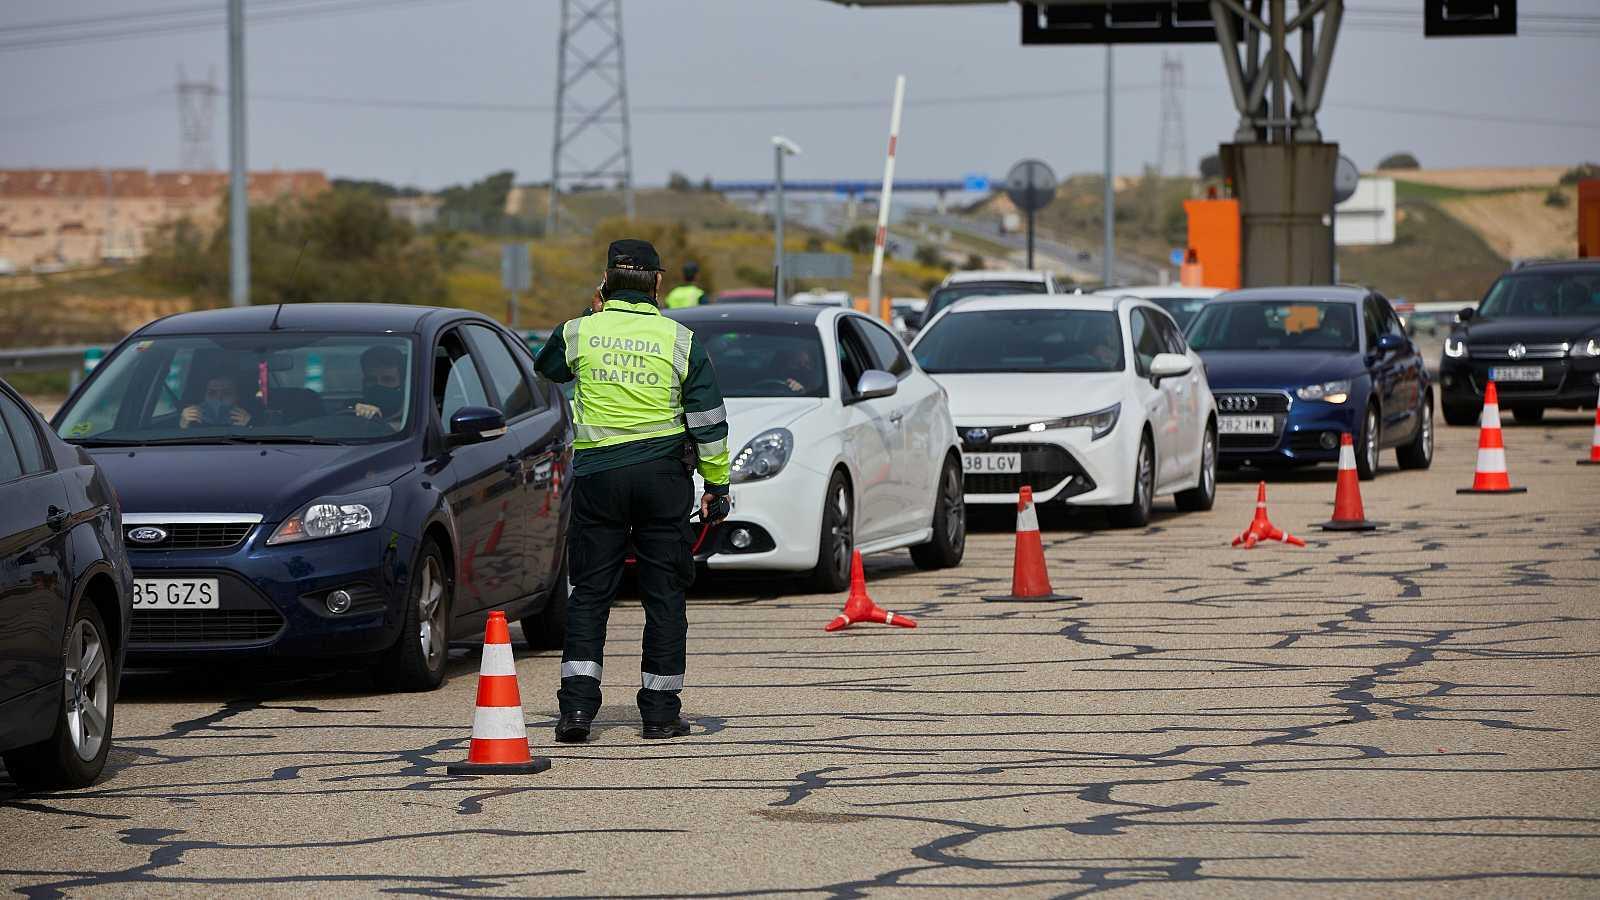 Edició Migdia - El PROCICAT aprova les noves restriccions a partir de diumenge